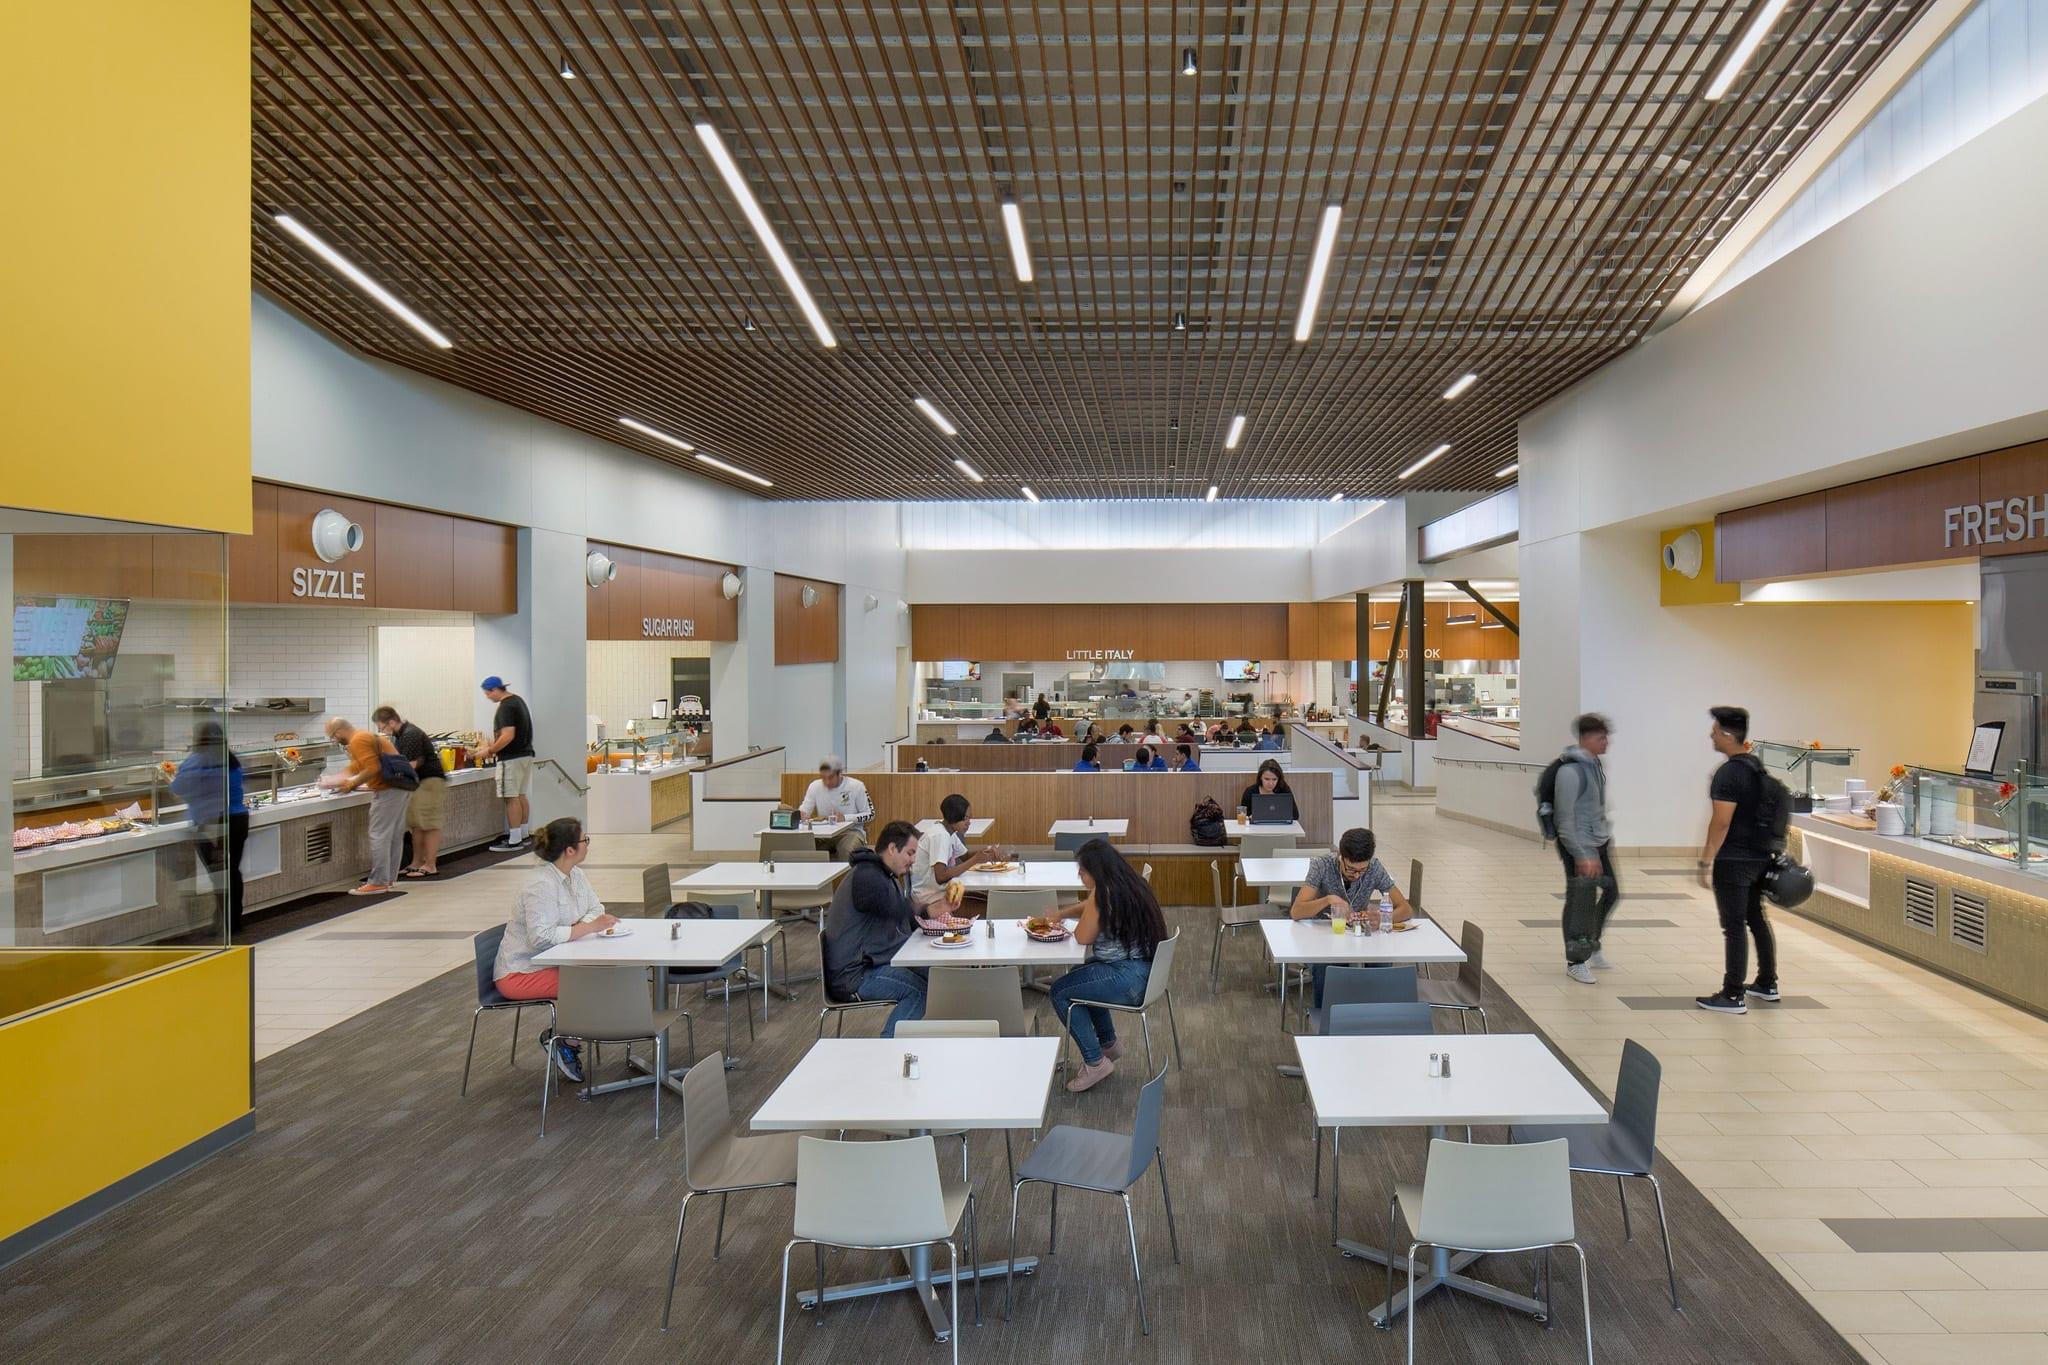 Higher Ed—CSU San Bernardino-7